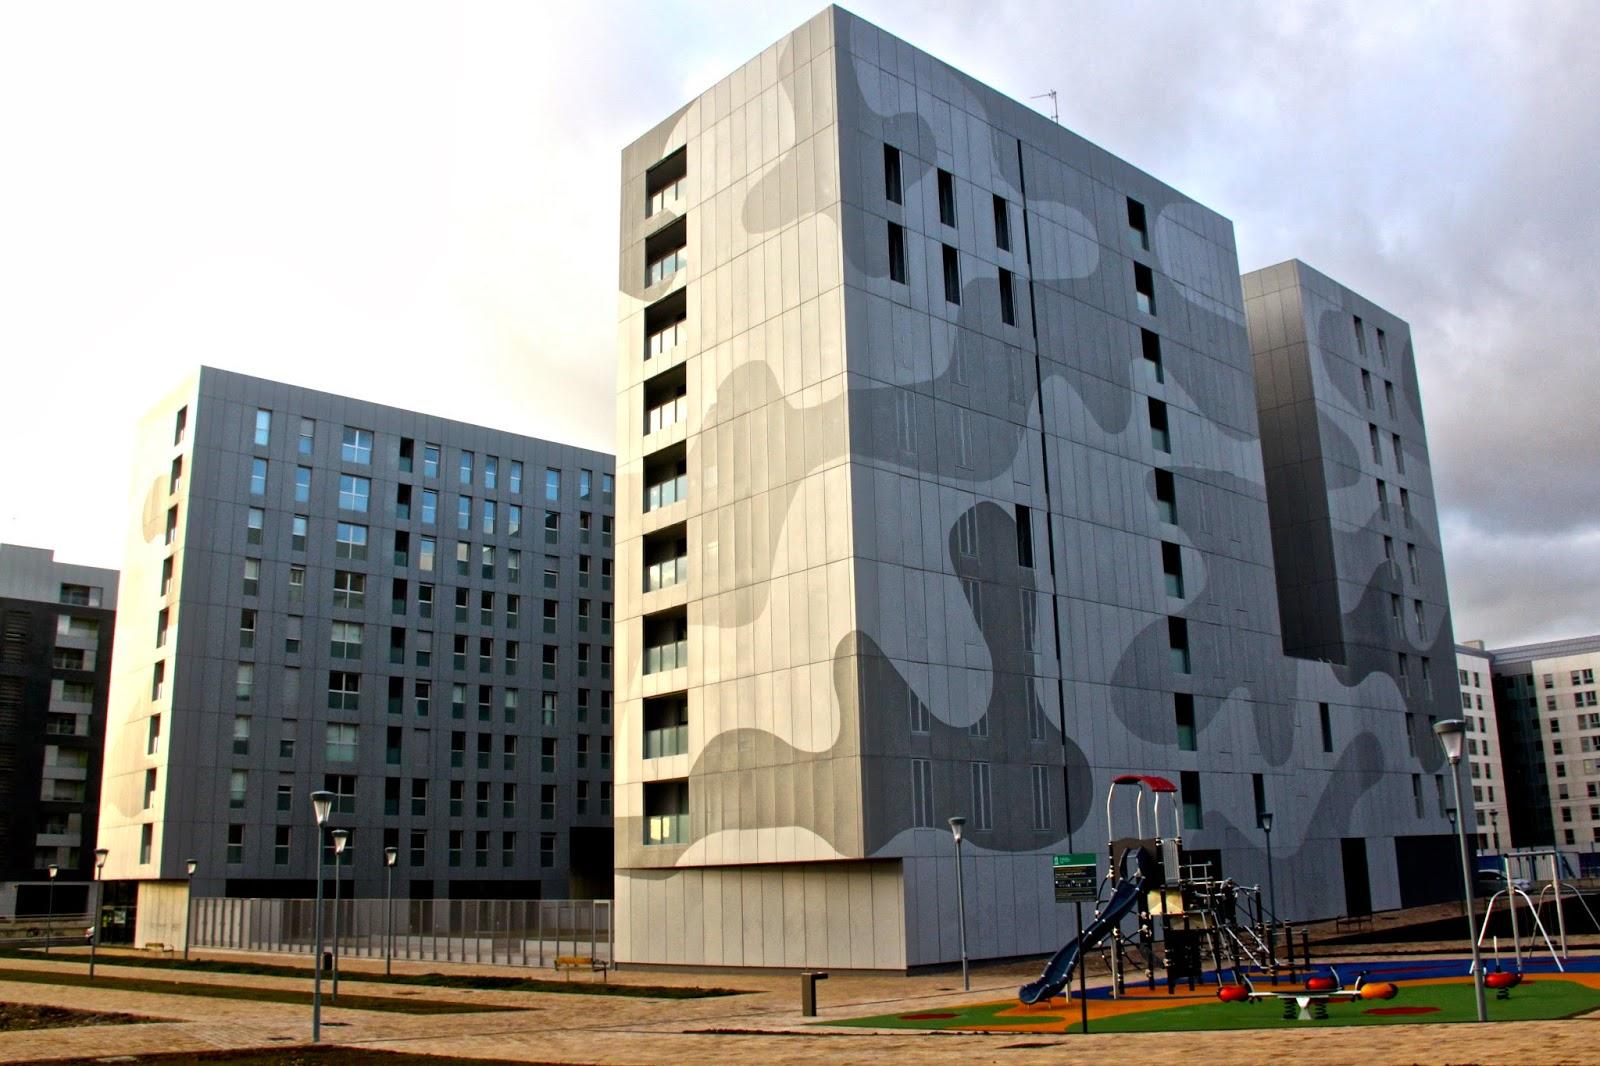 Imar arquitectura metal architecture metal sector larrein viviendas salburua vitoria - Arquitectos en vitoria ...